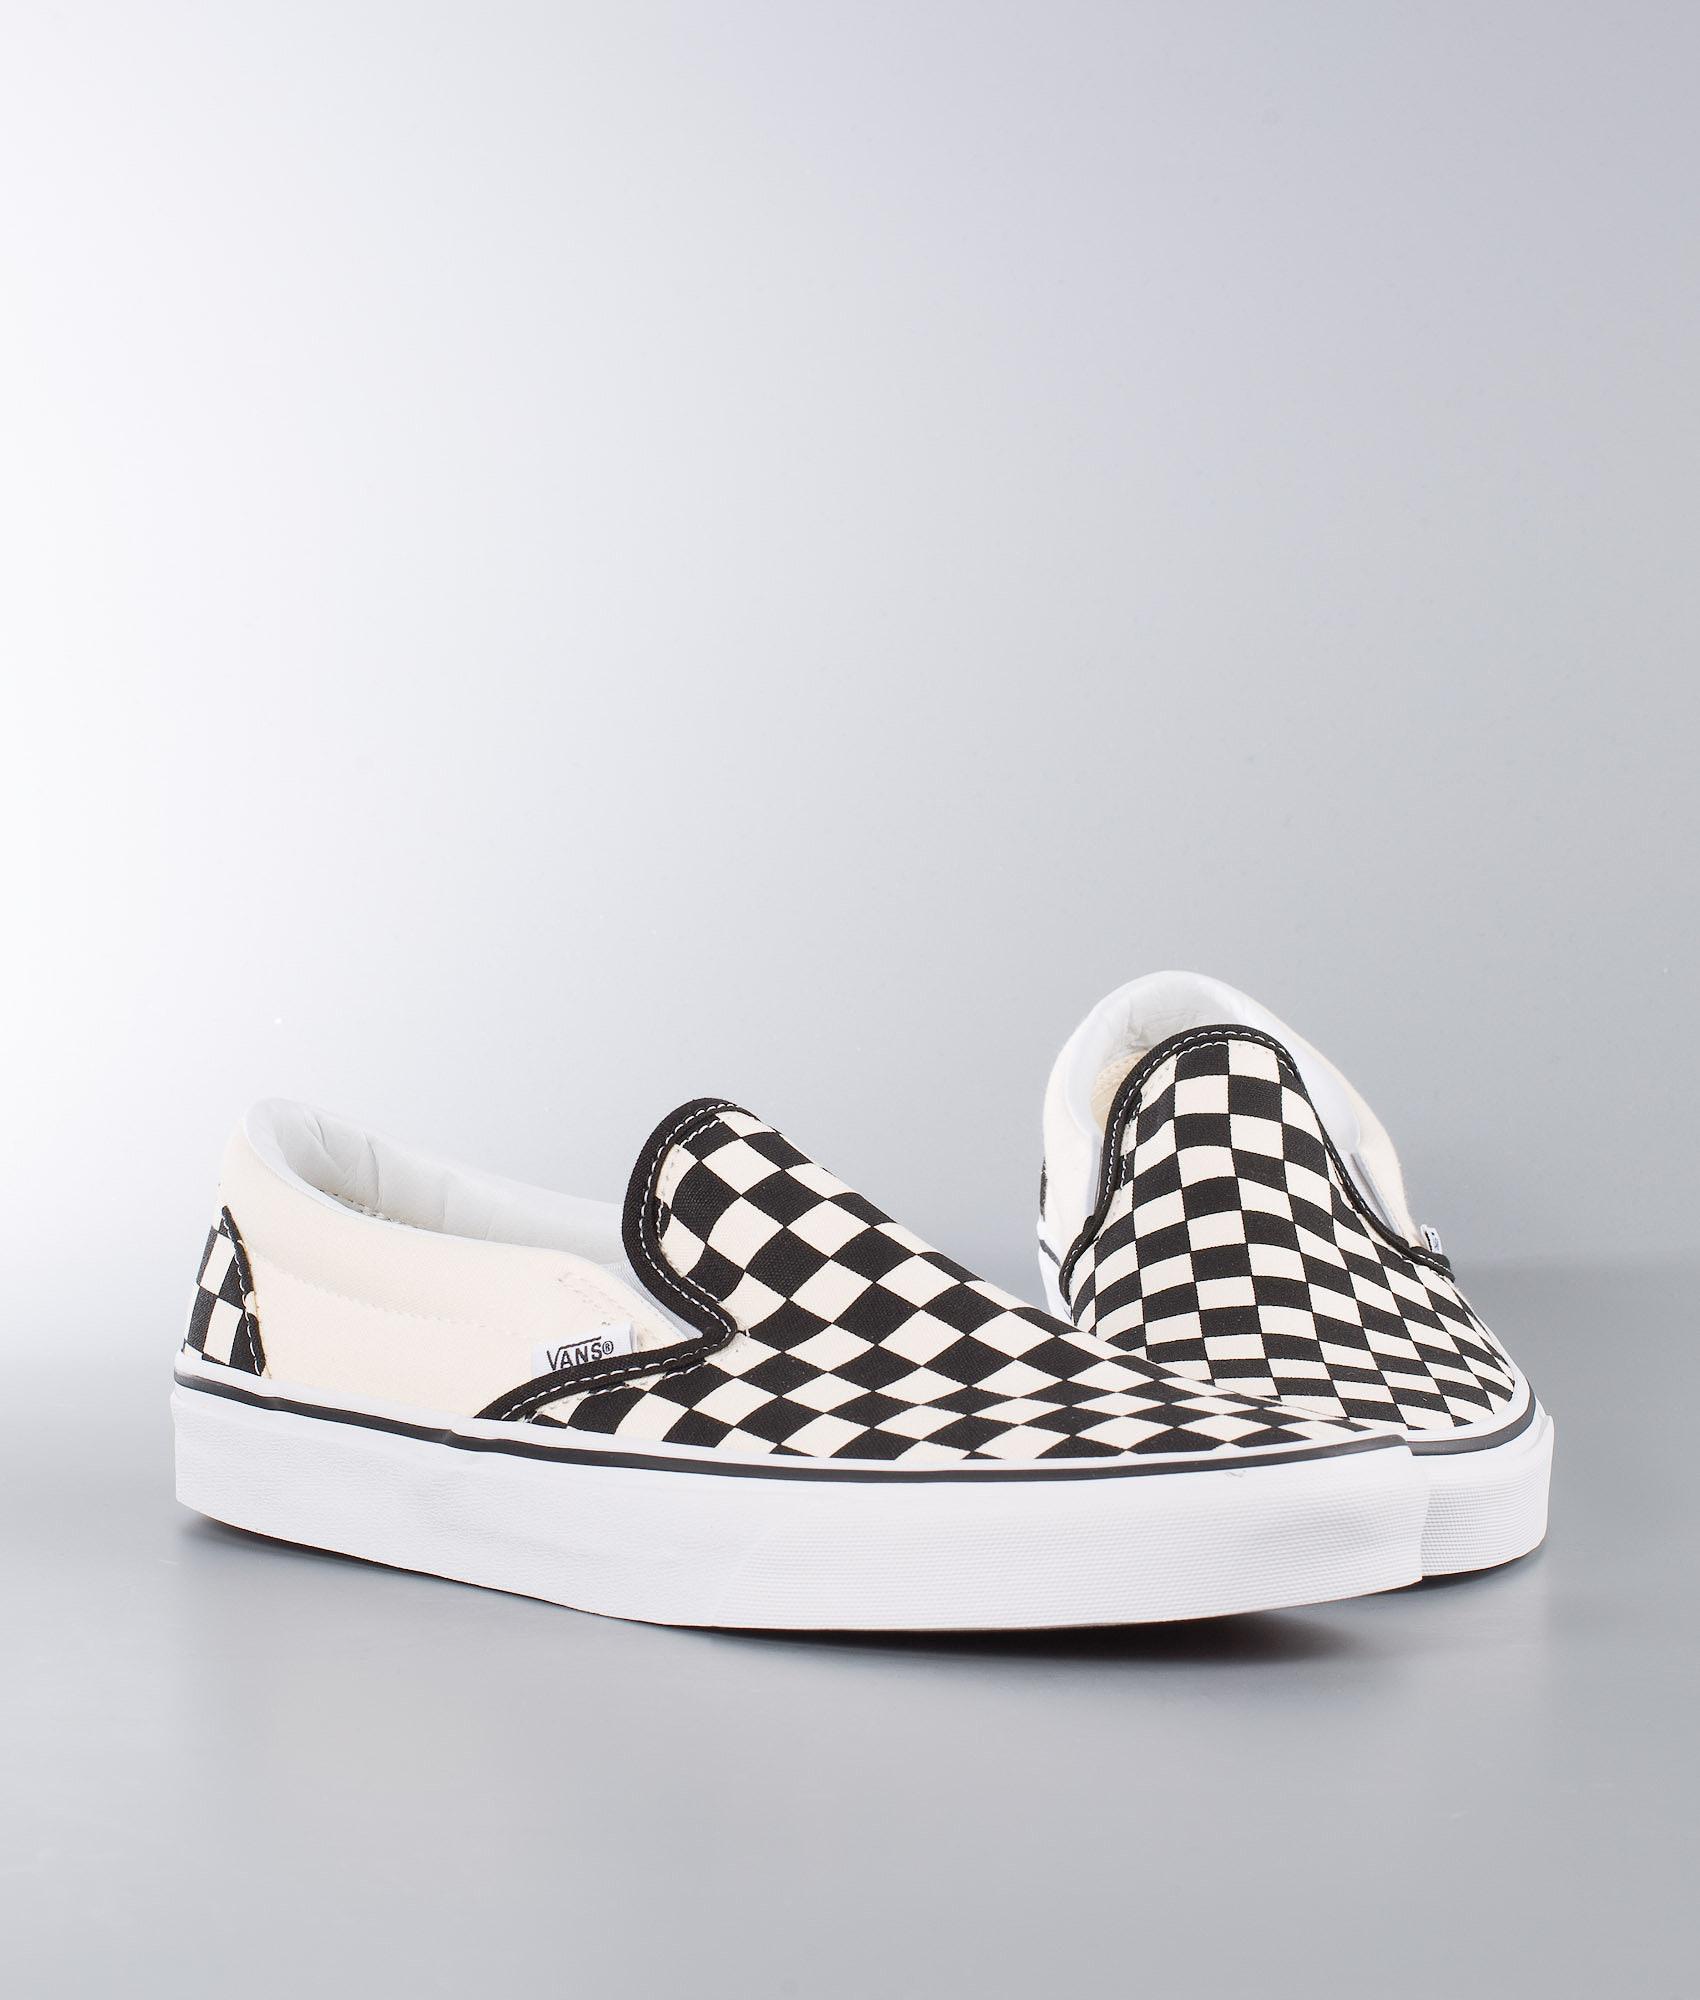 cddbb6e1e1b Vans Classic Slip-On Sko Black&White Checkerboard/White - Ridestore.no